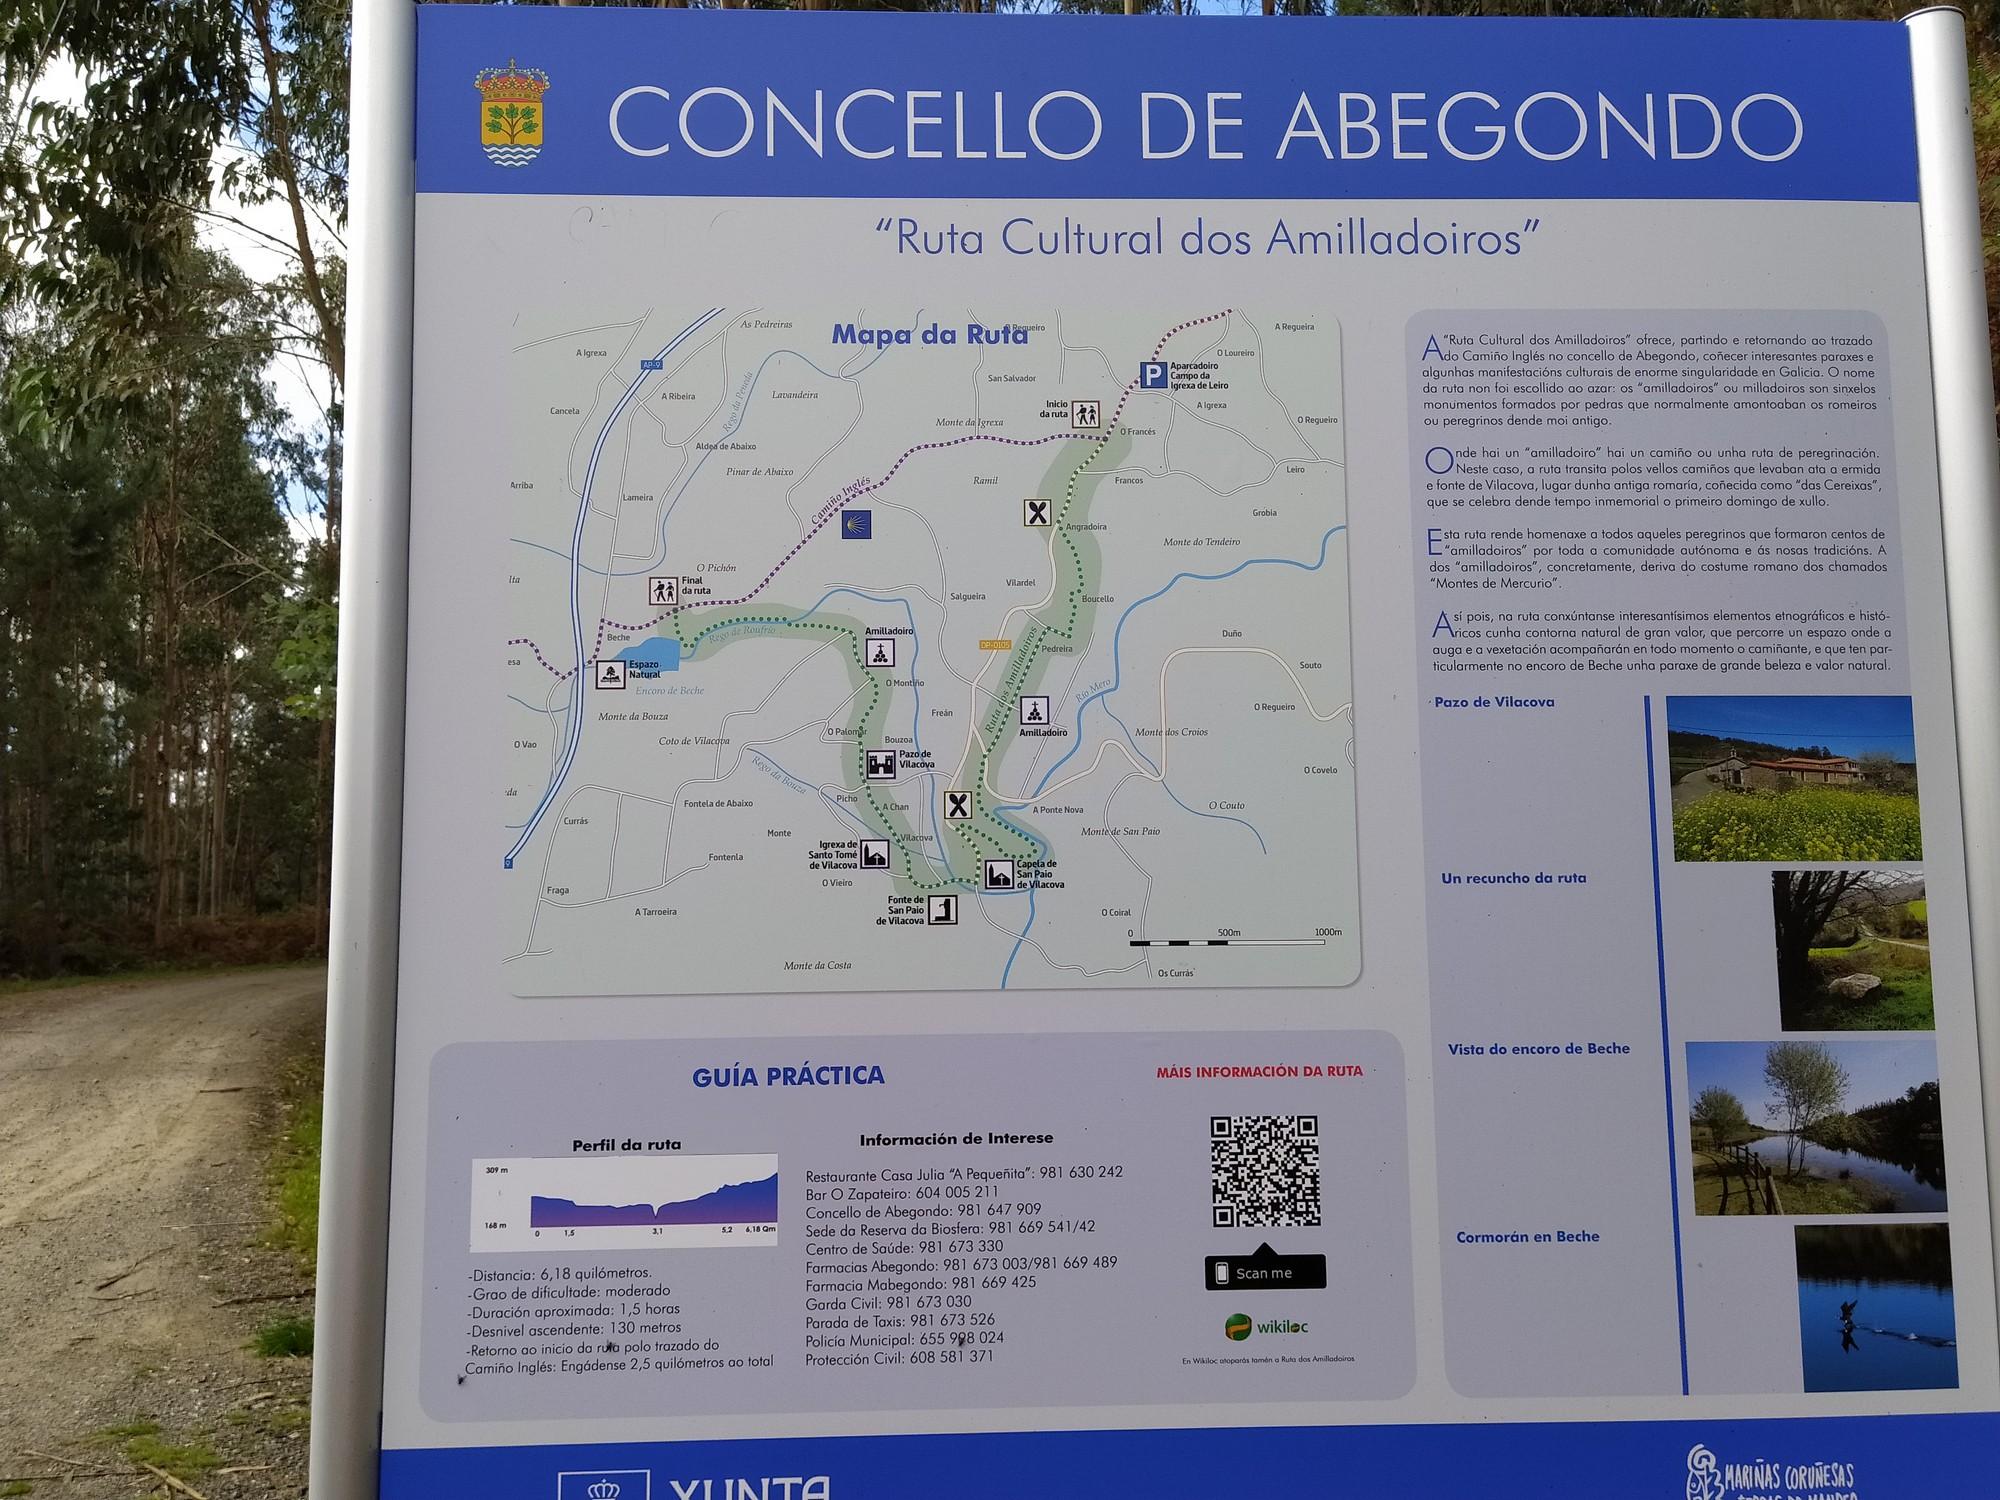 senda dos amilladoiros abegondo 17 - Senderismo en Abegondo: ruta dos amilladoiros